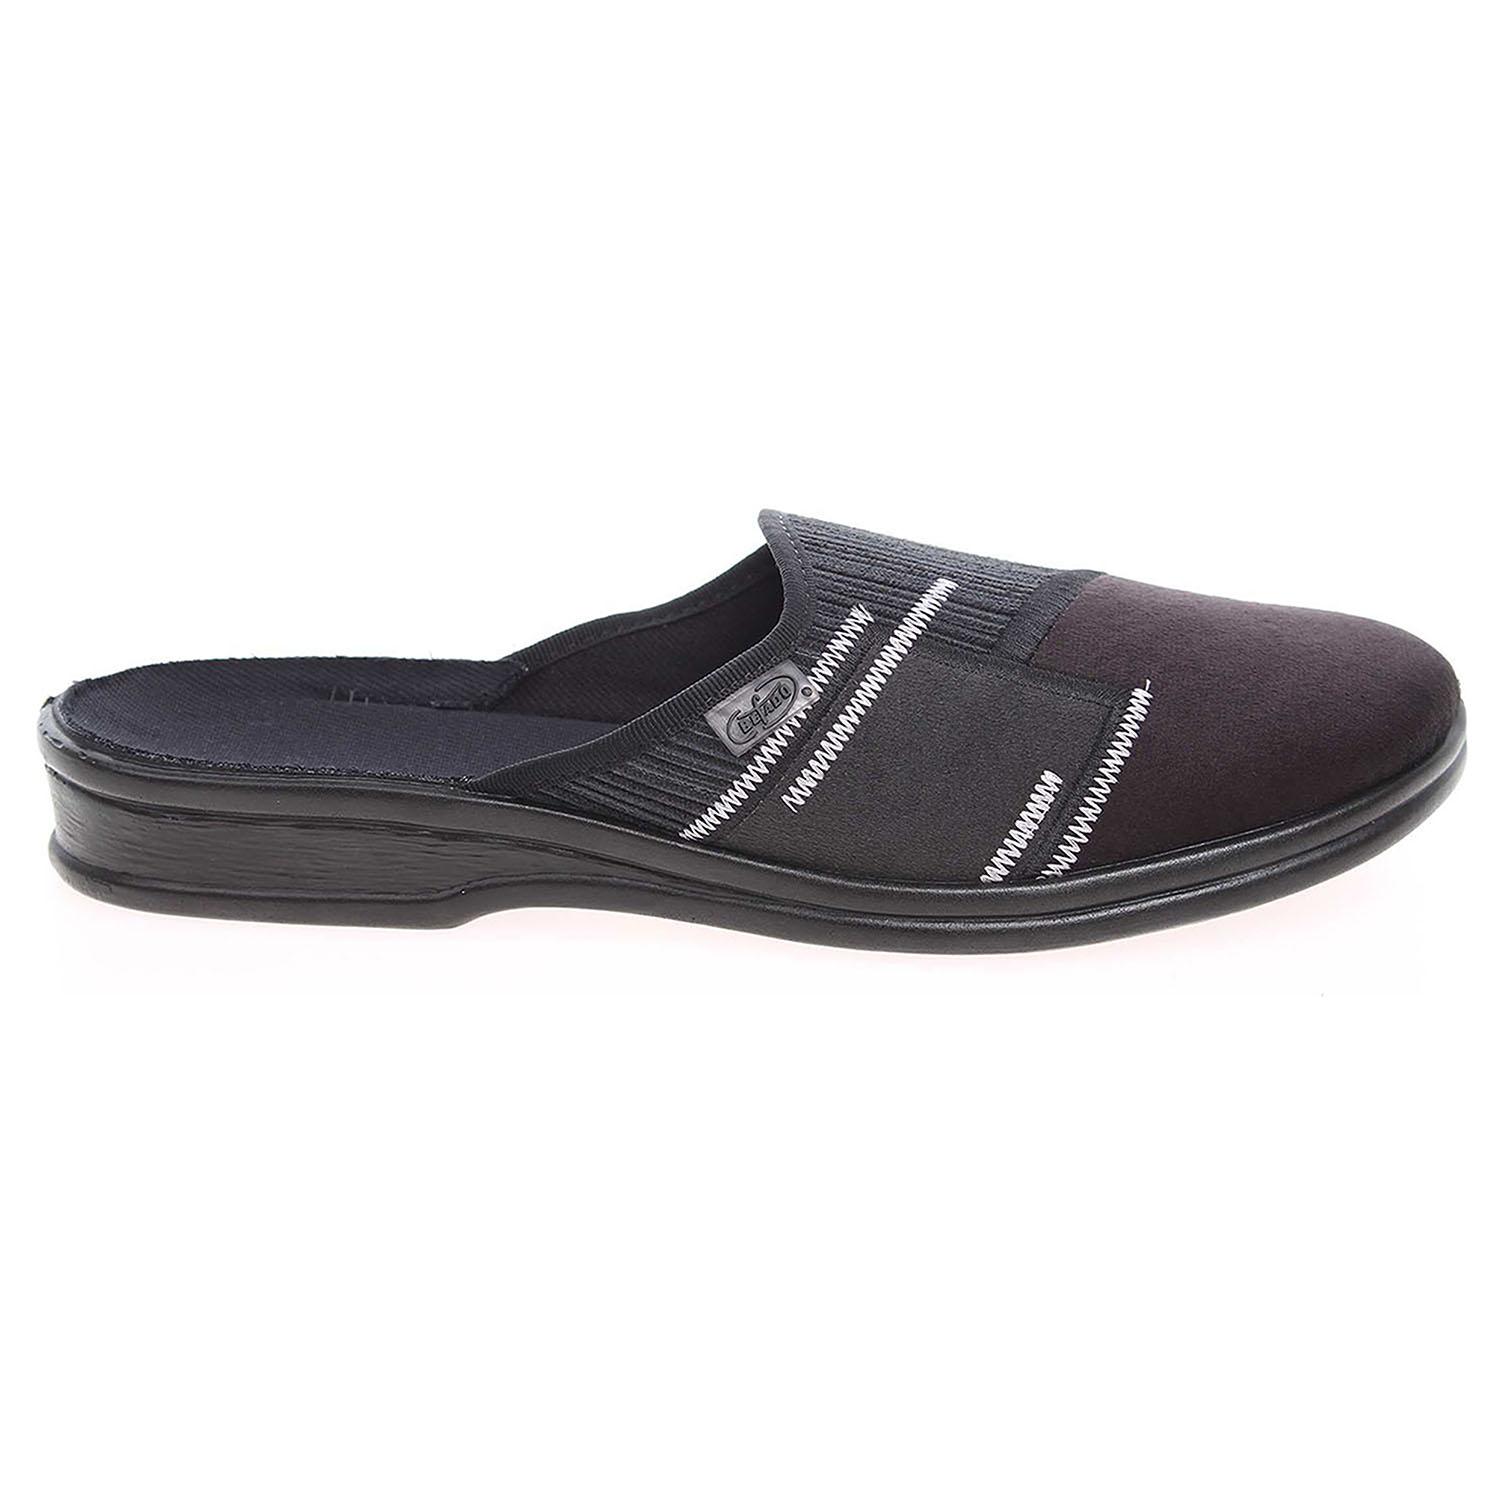 Befado pánské domácí pantofle 953M023 černé 41